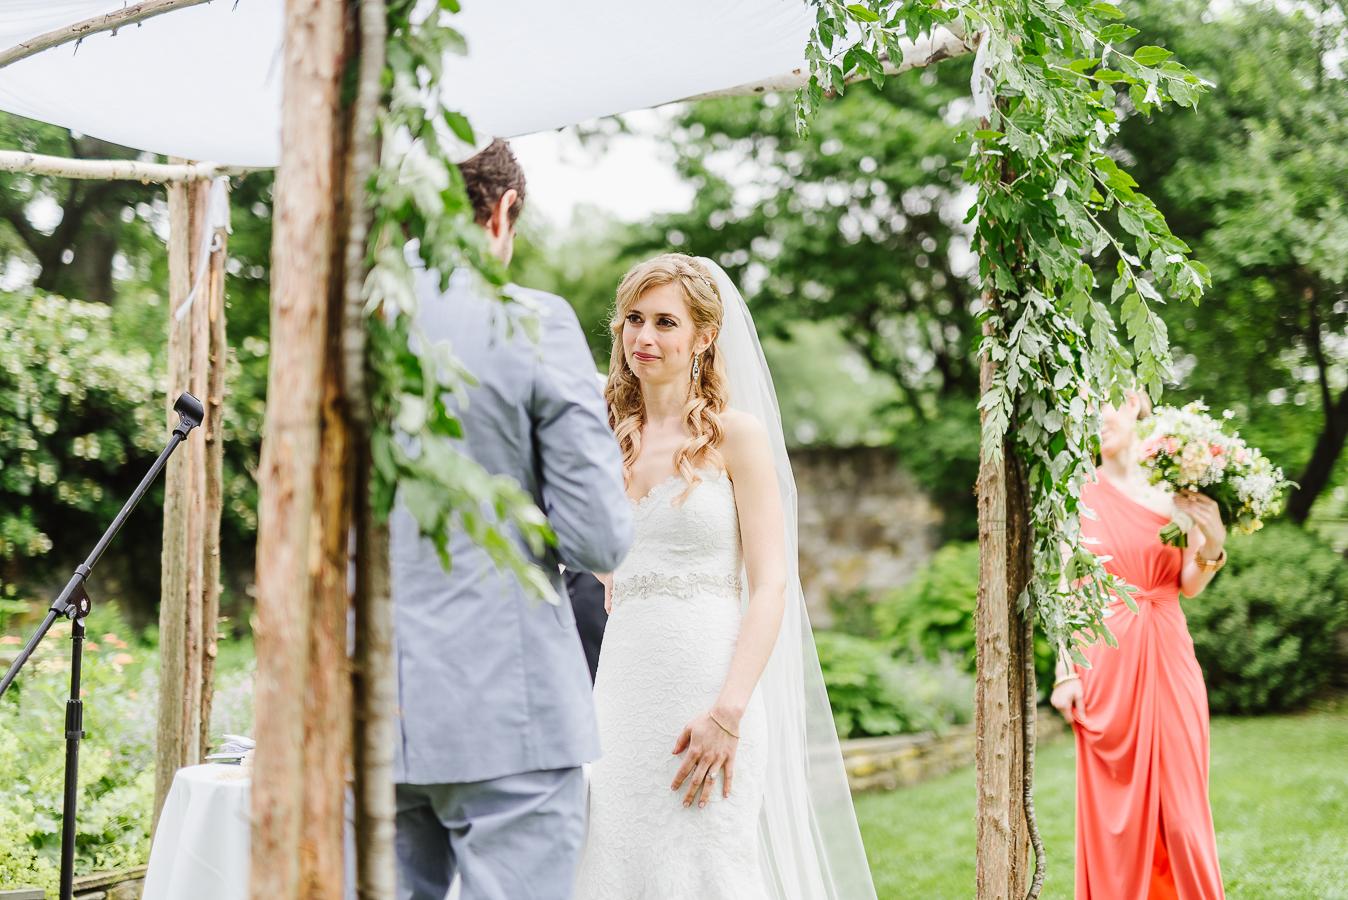 Stylish Crossed Keys Inn Wedding Crossed Keys Wedding Crossed Keys Inn Andover NJ Longbrook Photography-44.jpg